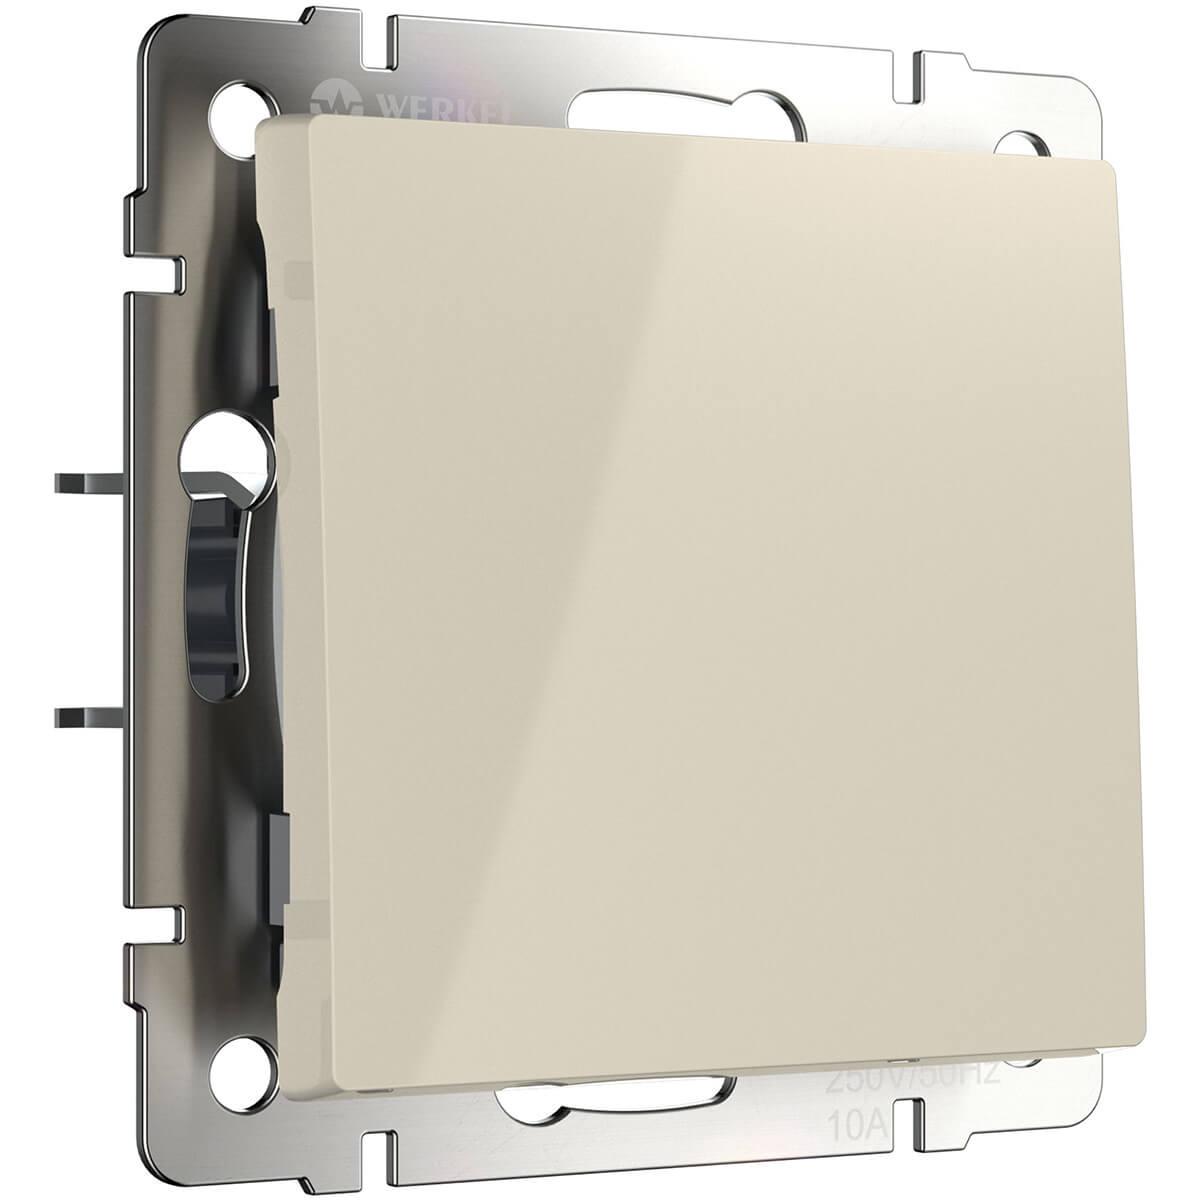 Выключатель одноклавишный слоновая кость WL03-SW-1G-ivory 4690389046148 выключатель одноклавишный с подсветкой слоновая кость wl03 sw 1g led ivory 4690389059261